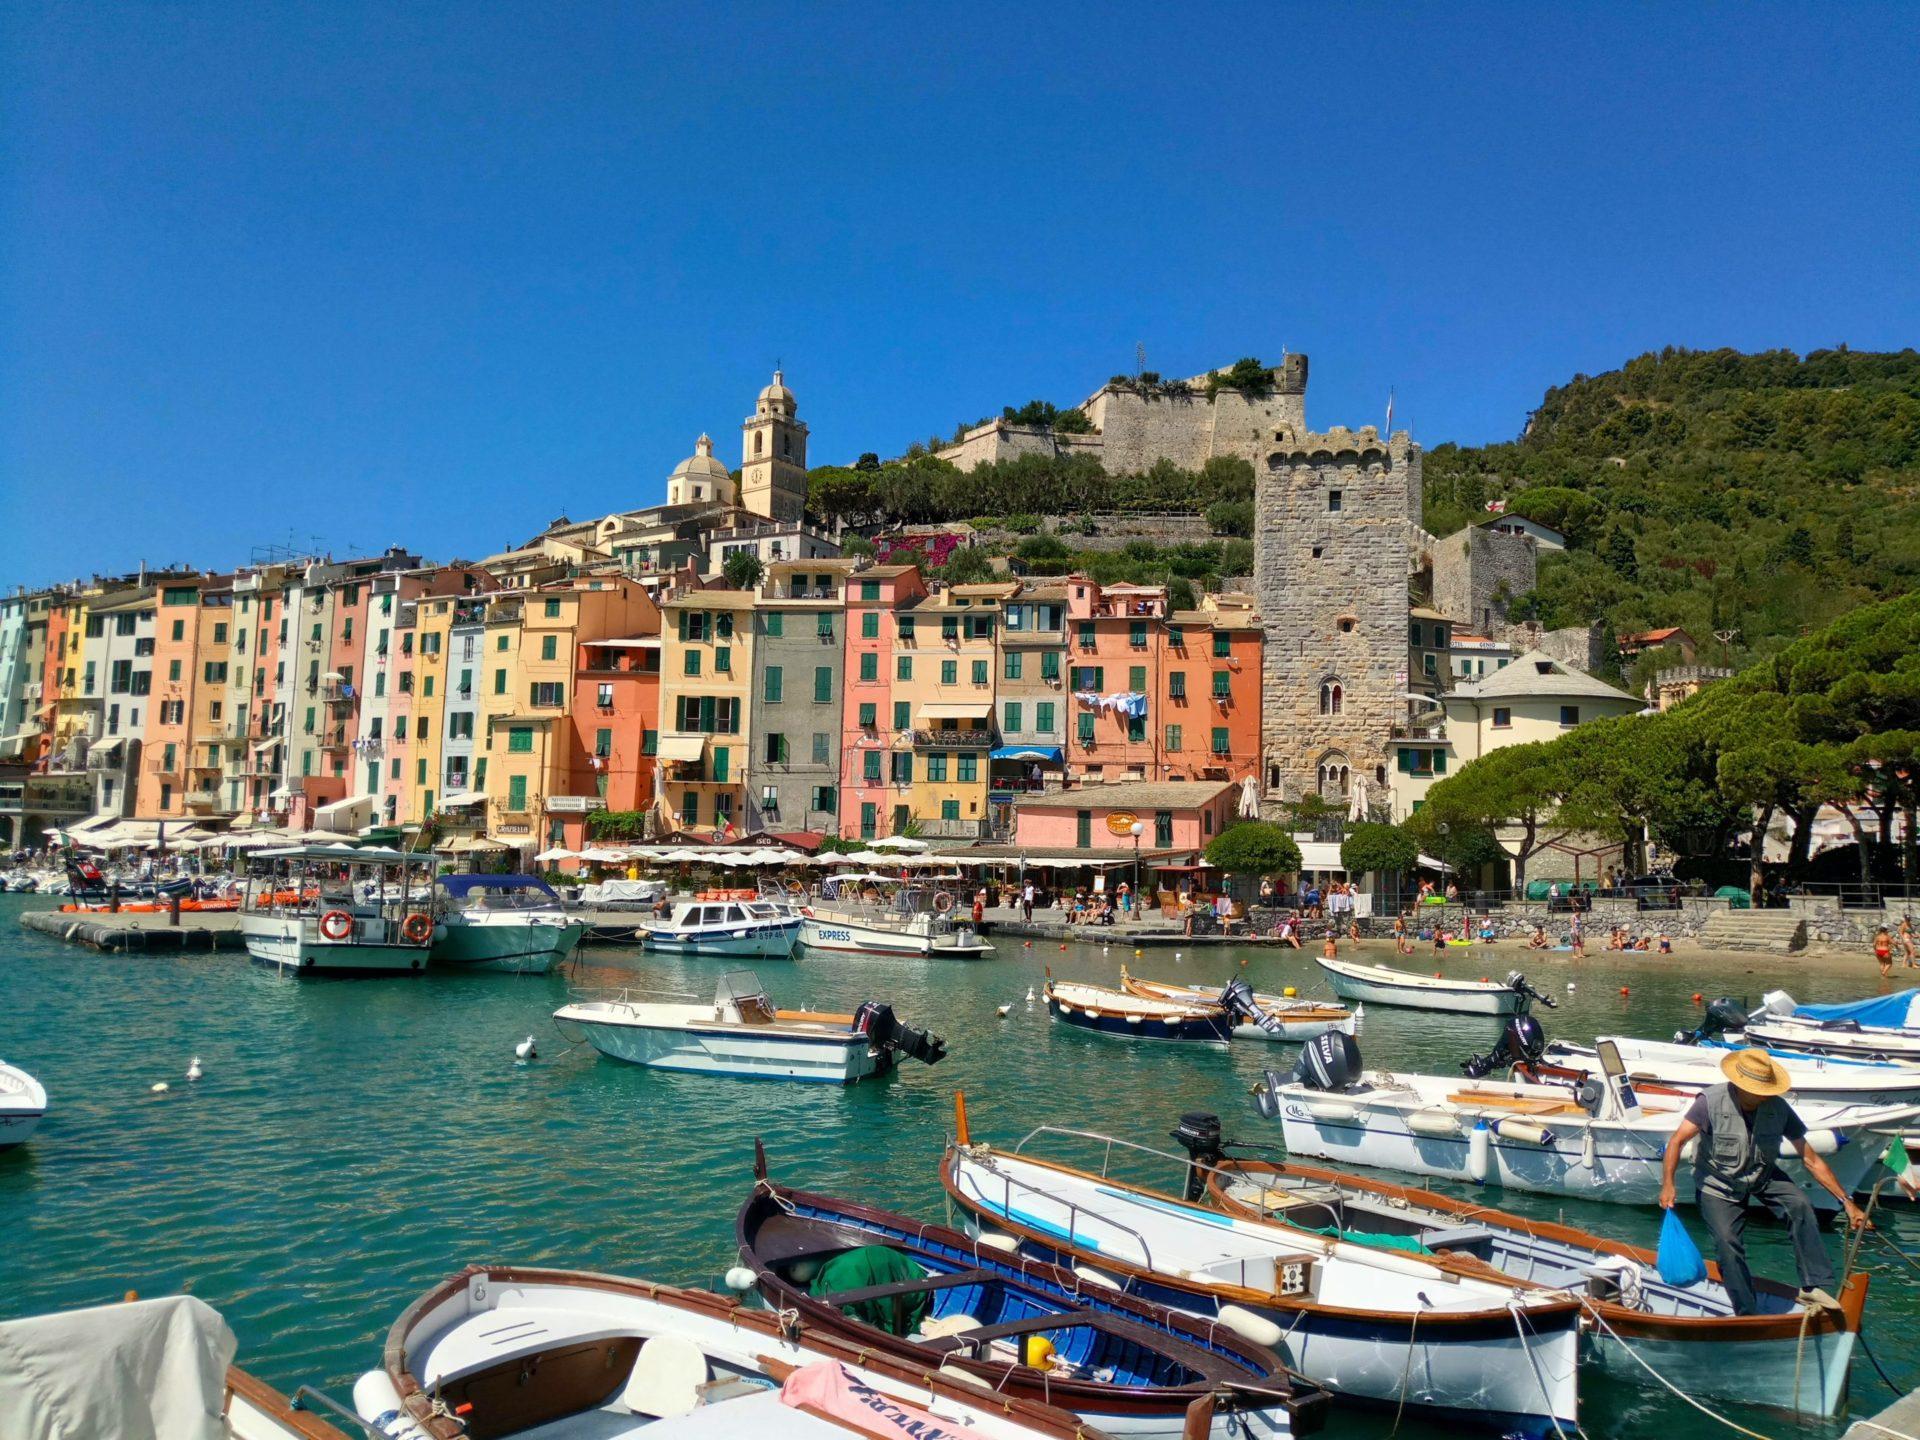 Wassertemperatur La Spezia